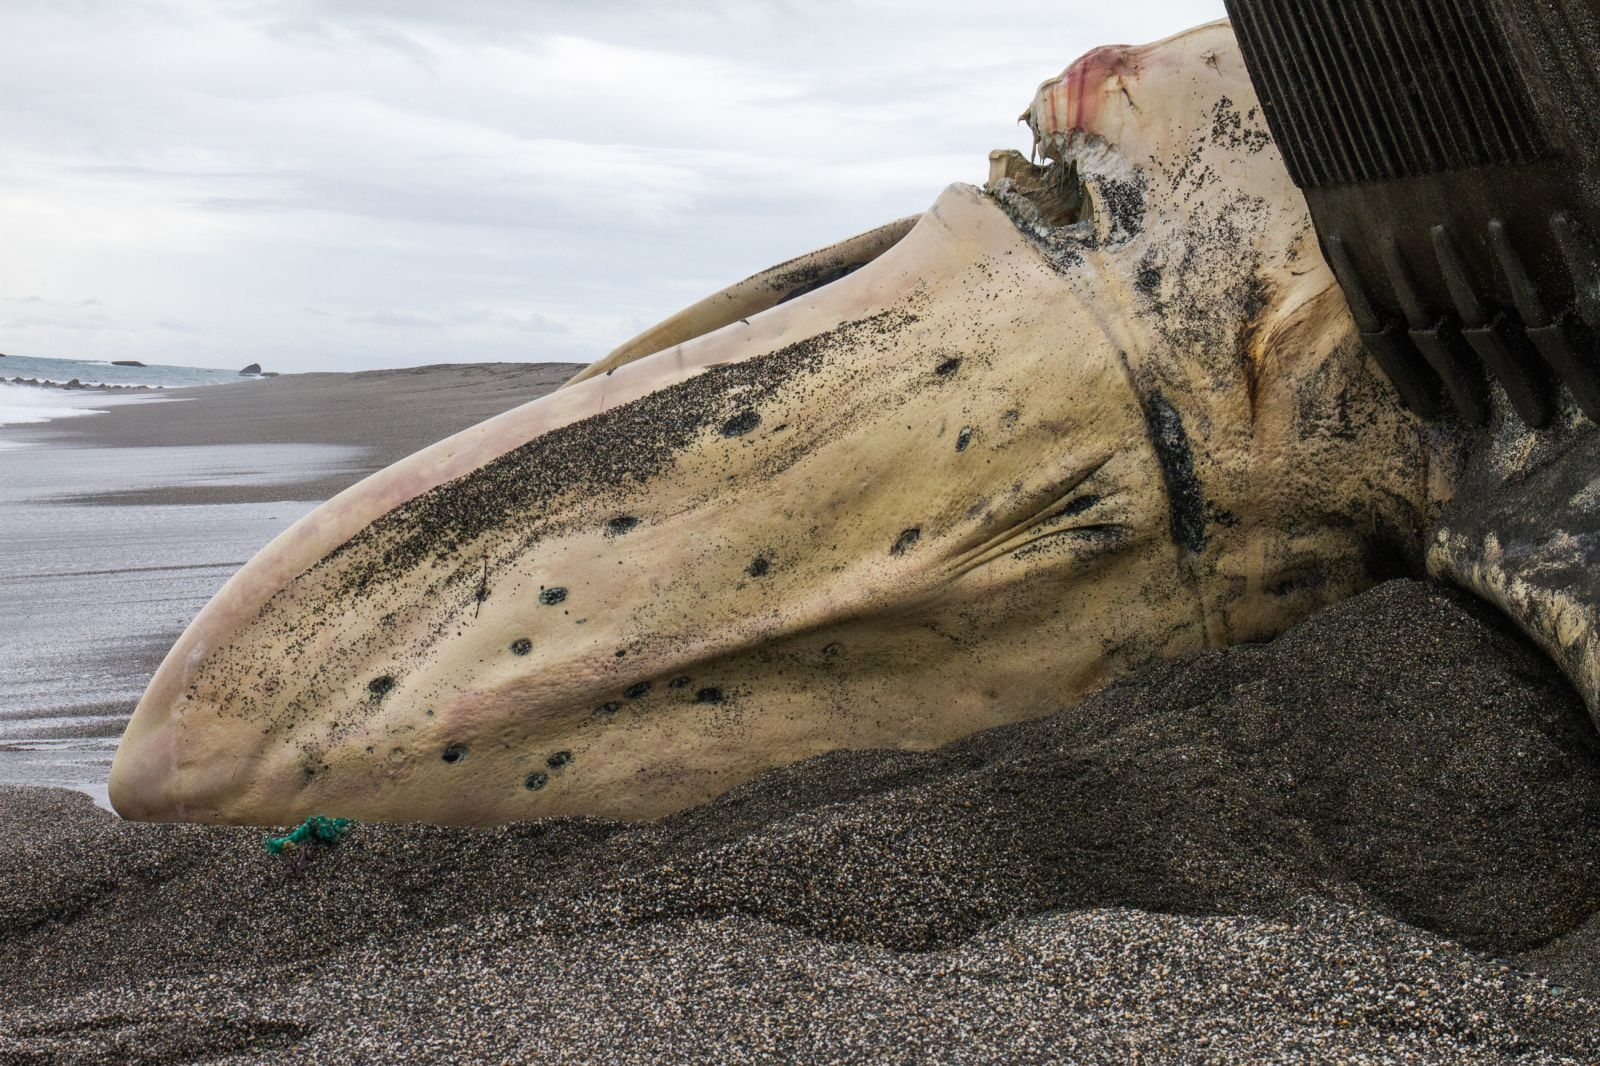 藍鯨上顎清楚可見的繩索勒痕。